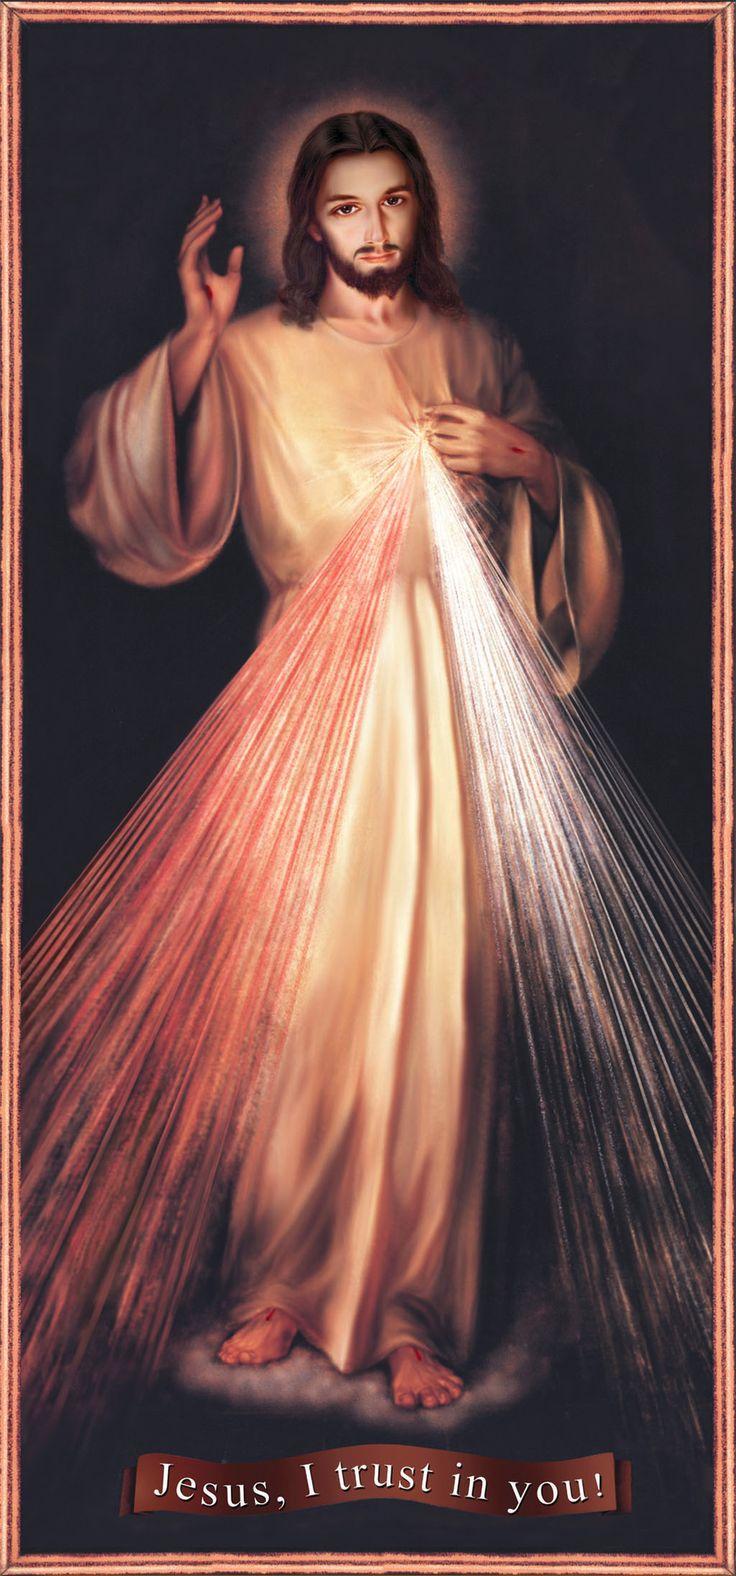 """Jesús Divina Misericordia     El esbozo de la imagen le fue revelado a Sor Faustina en la visión del 22 de febrero de 1931 en su celda del convento de Plock.   """"Al anochecer, estando yo en mi celda – escribe en el Diario – ví al Señor Jesús vestido con una túnica blanca. Tenía una mano levantada para bendecir y con la otra tocaba la túnica sobre el pecho. De la abertura de la túnica en el pecho, salían dos grandes rayos: uno rojo y otro pálido."""